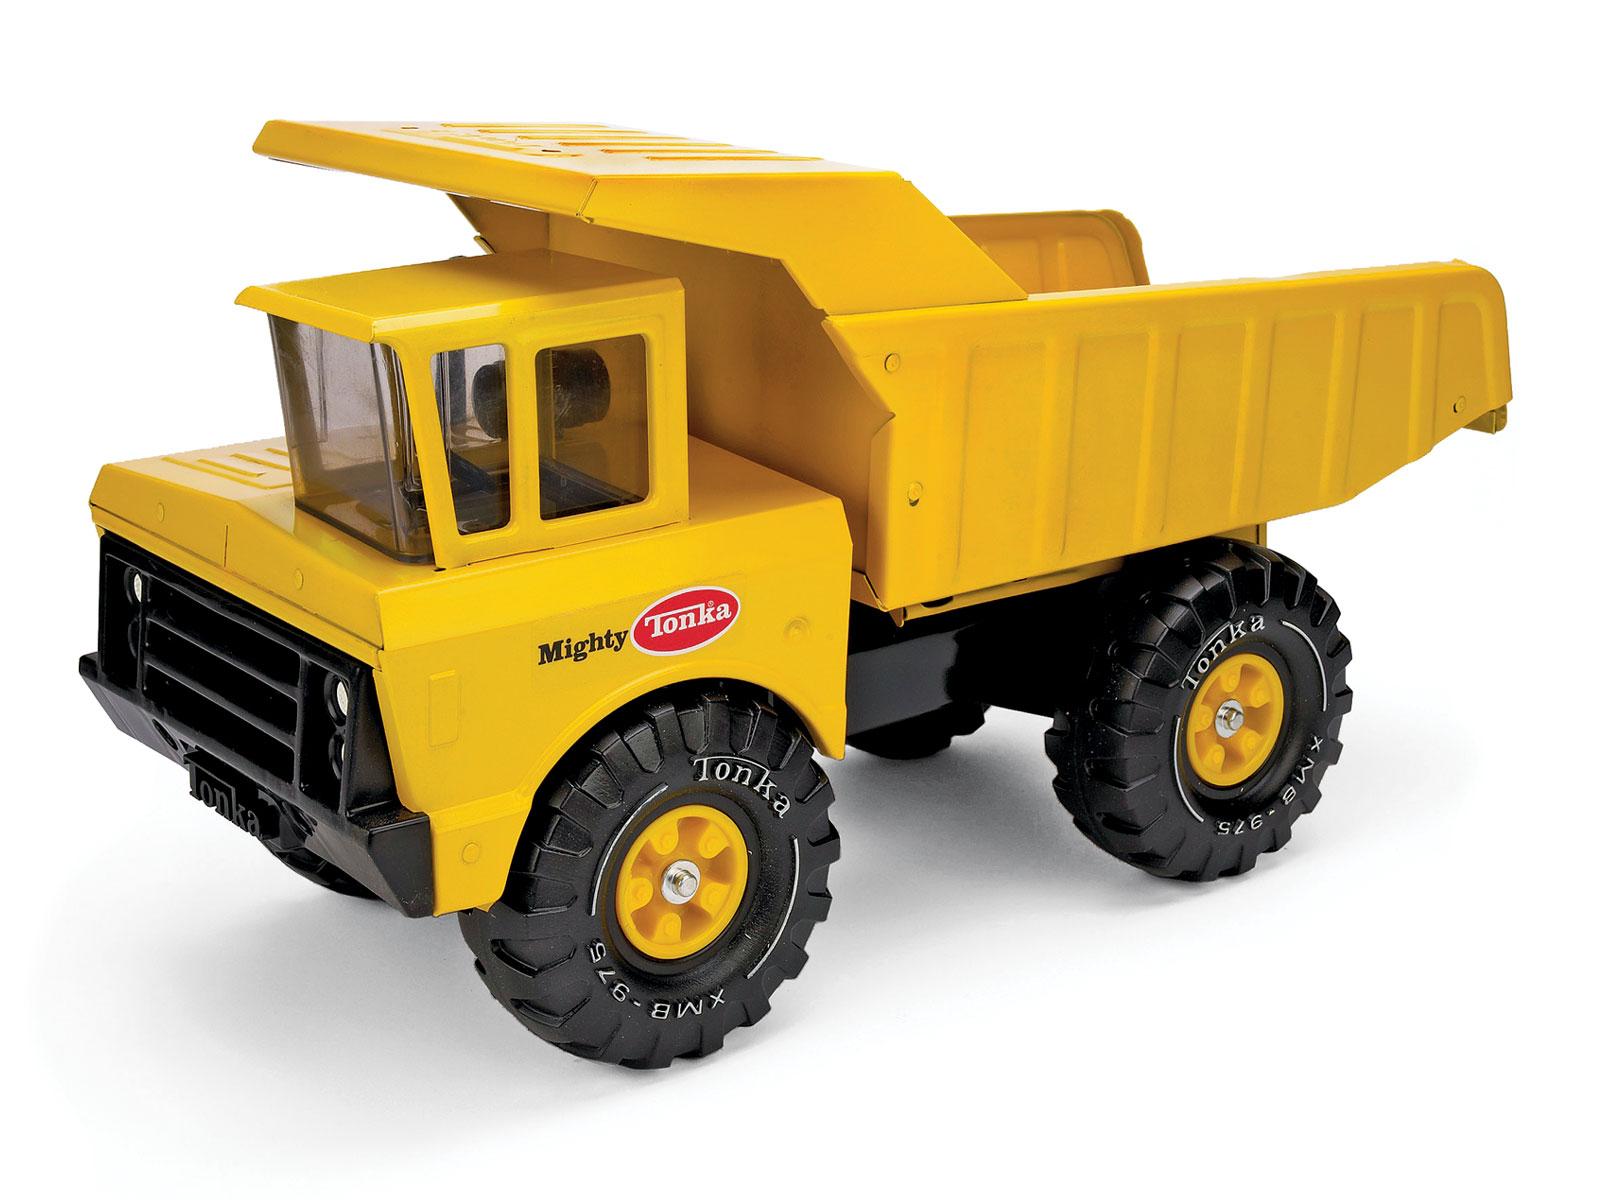 toy trucks - harlemtoys - harlemtoys